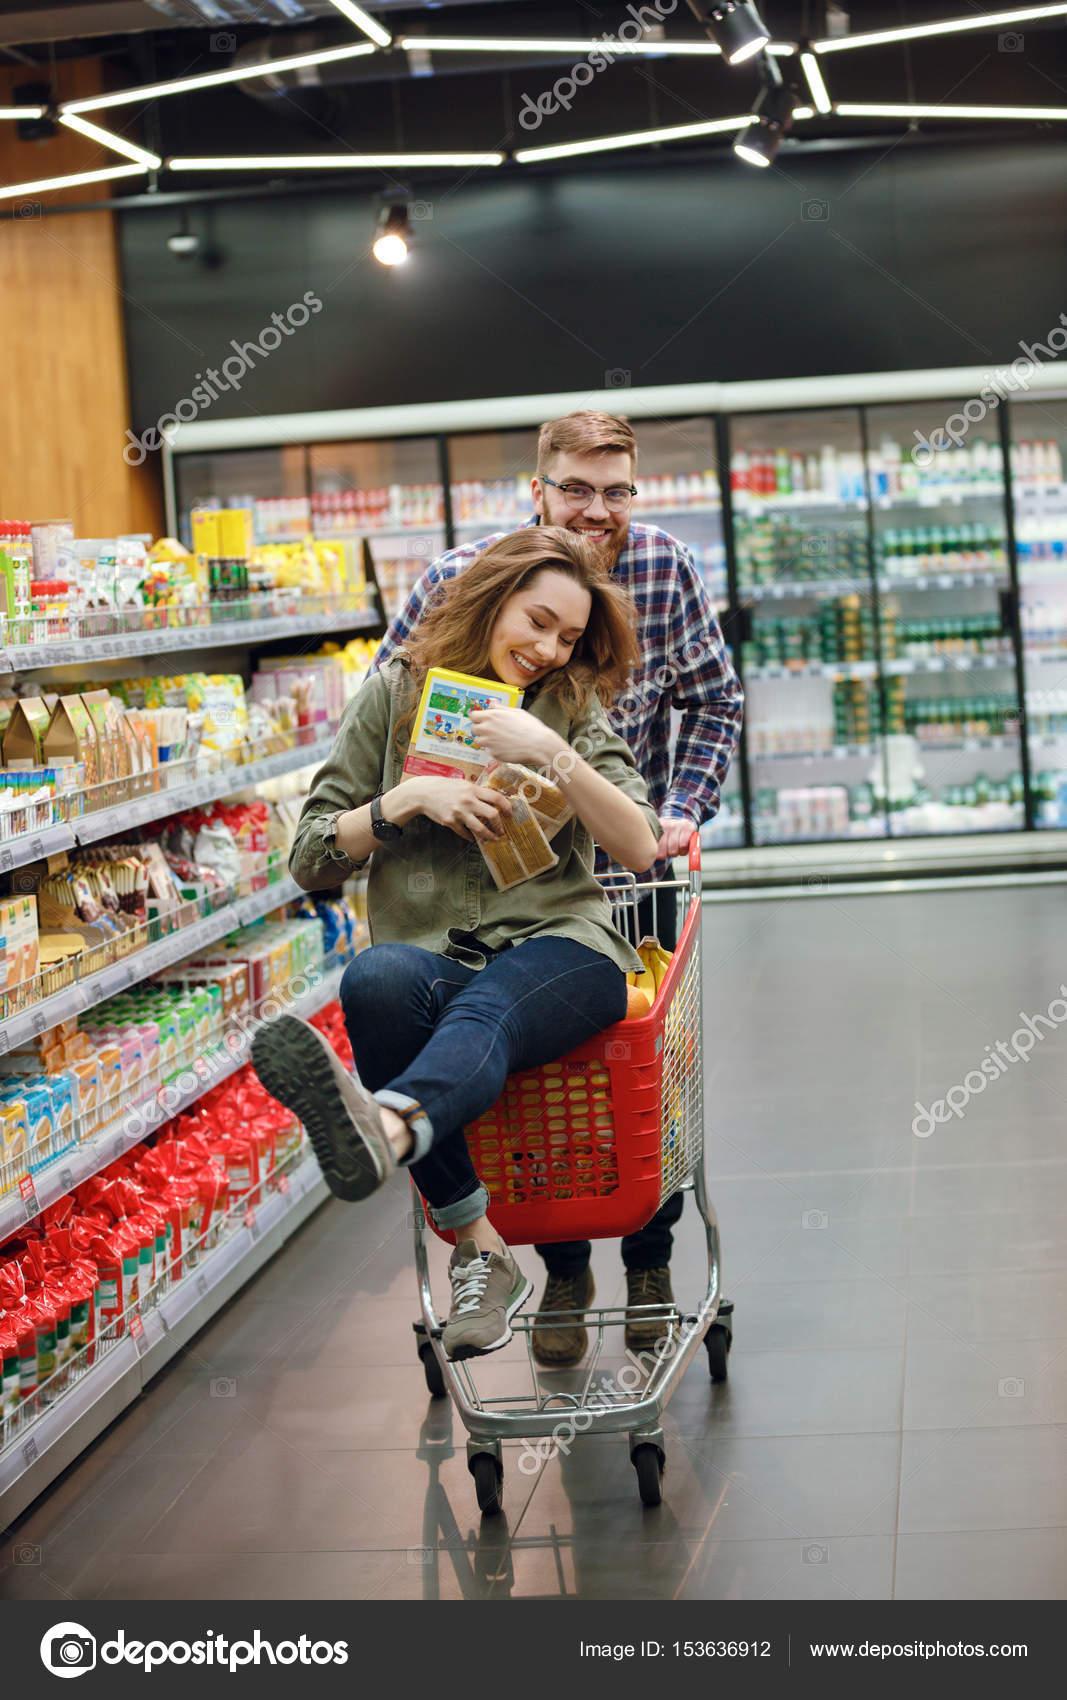 a7a3531fb0 Casal jovem feliz se divertindo com o carrinho de compras ao escolher a  comida no supermercado — Foto de ...